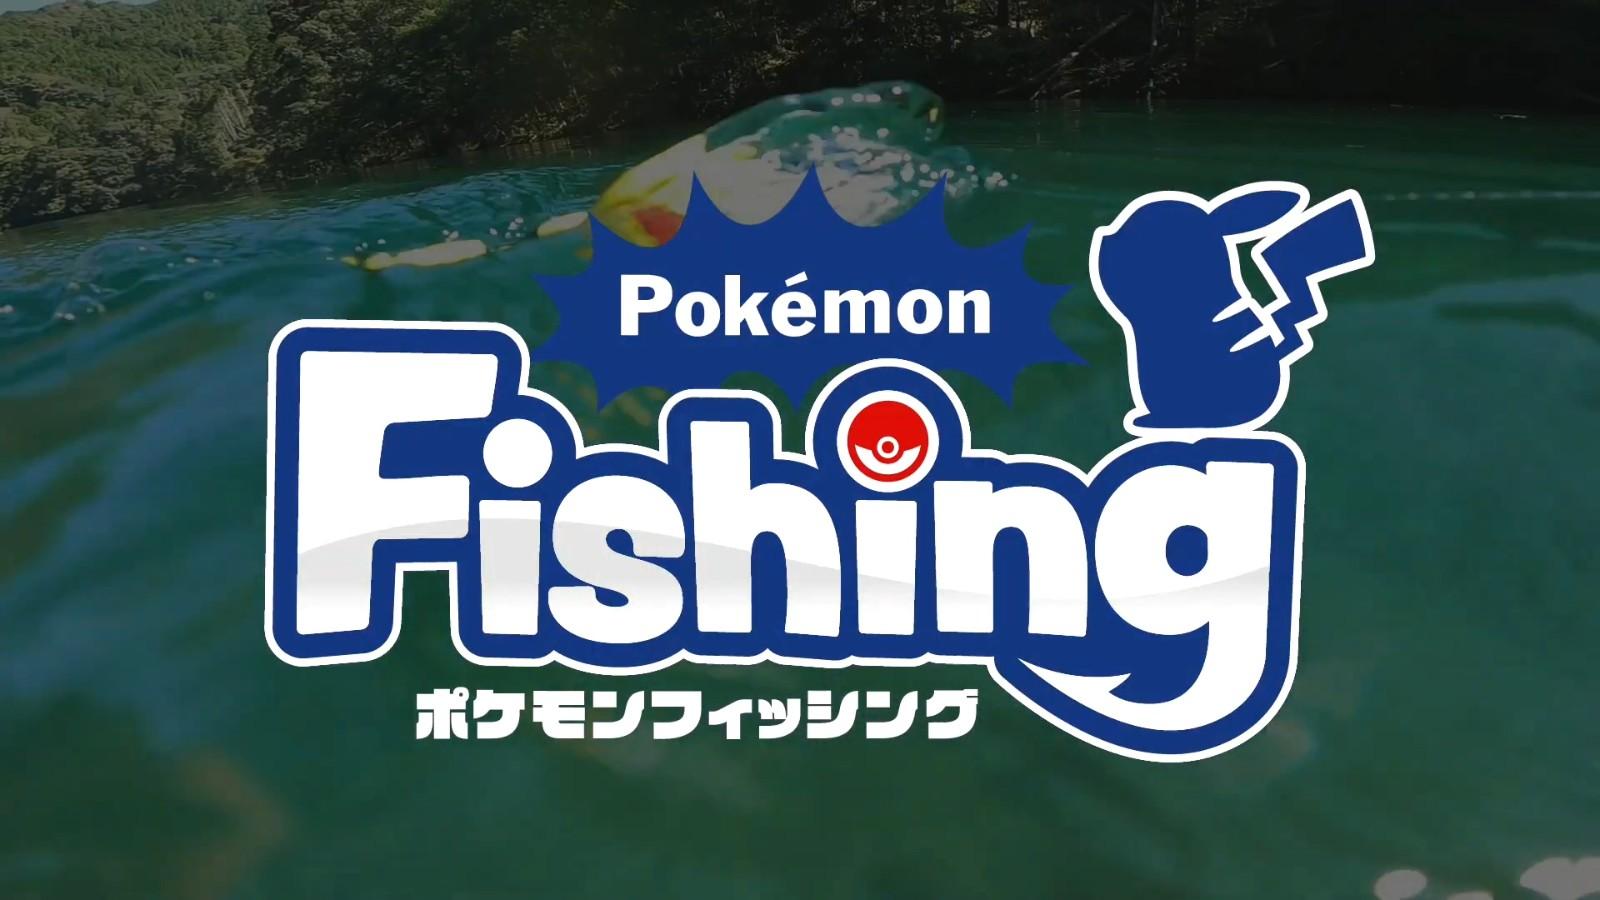 宝可梦公司推出官方授权皮卡丘与盖欧卡造型鱼饵